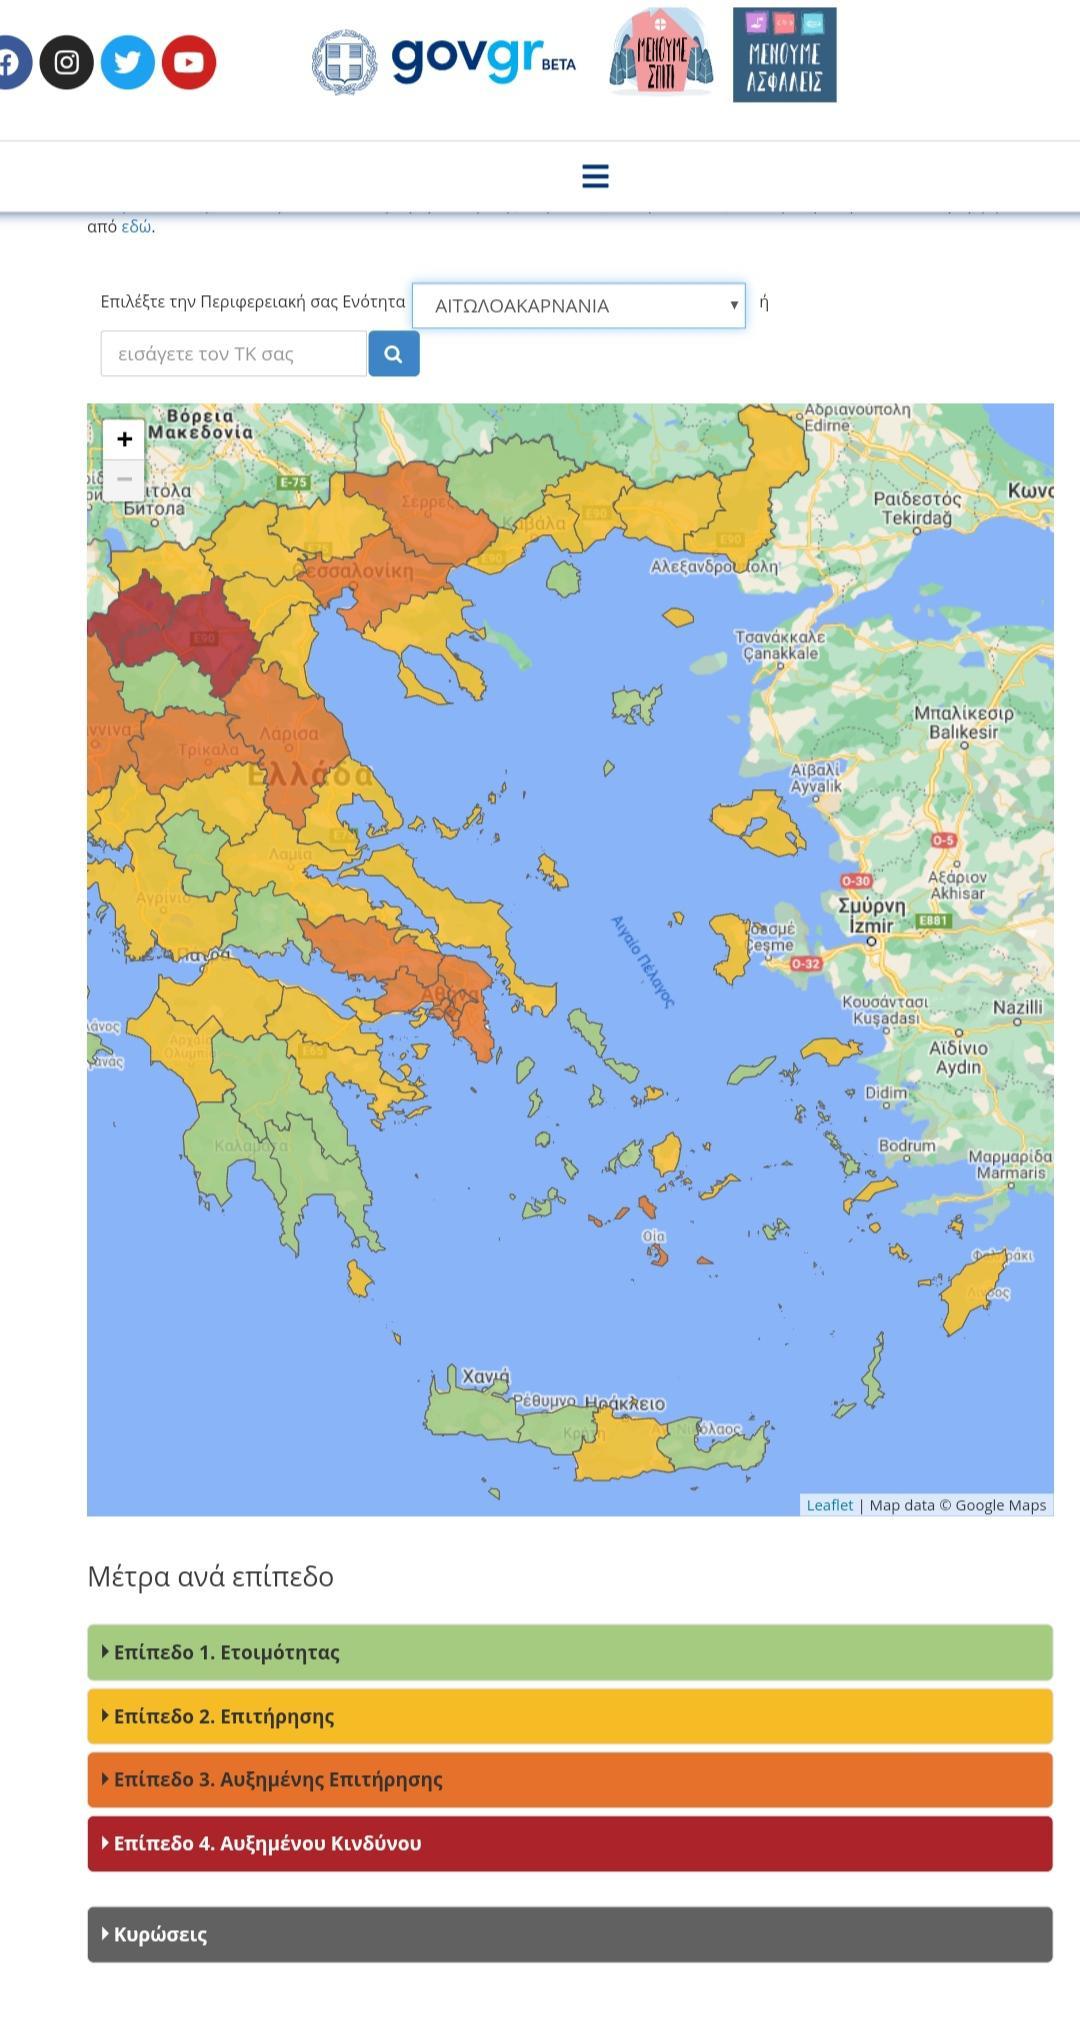 Ο Χάρτης Υγειονομικής Ασφάλειας και Προστασίας από τη λοίμωξη covid-19